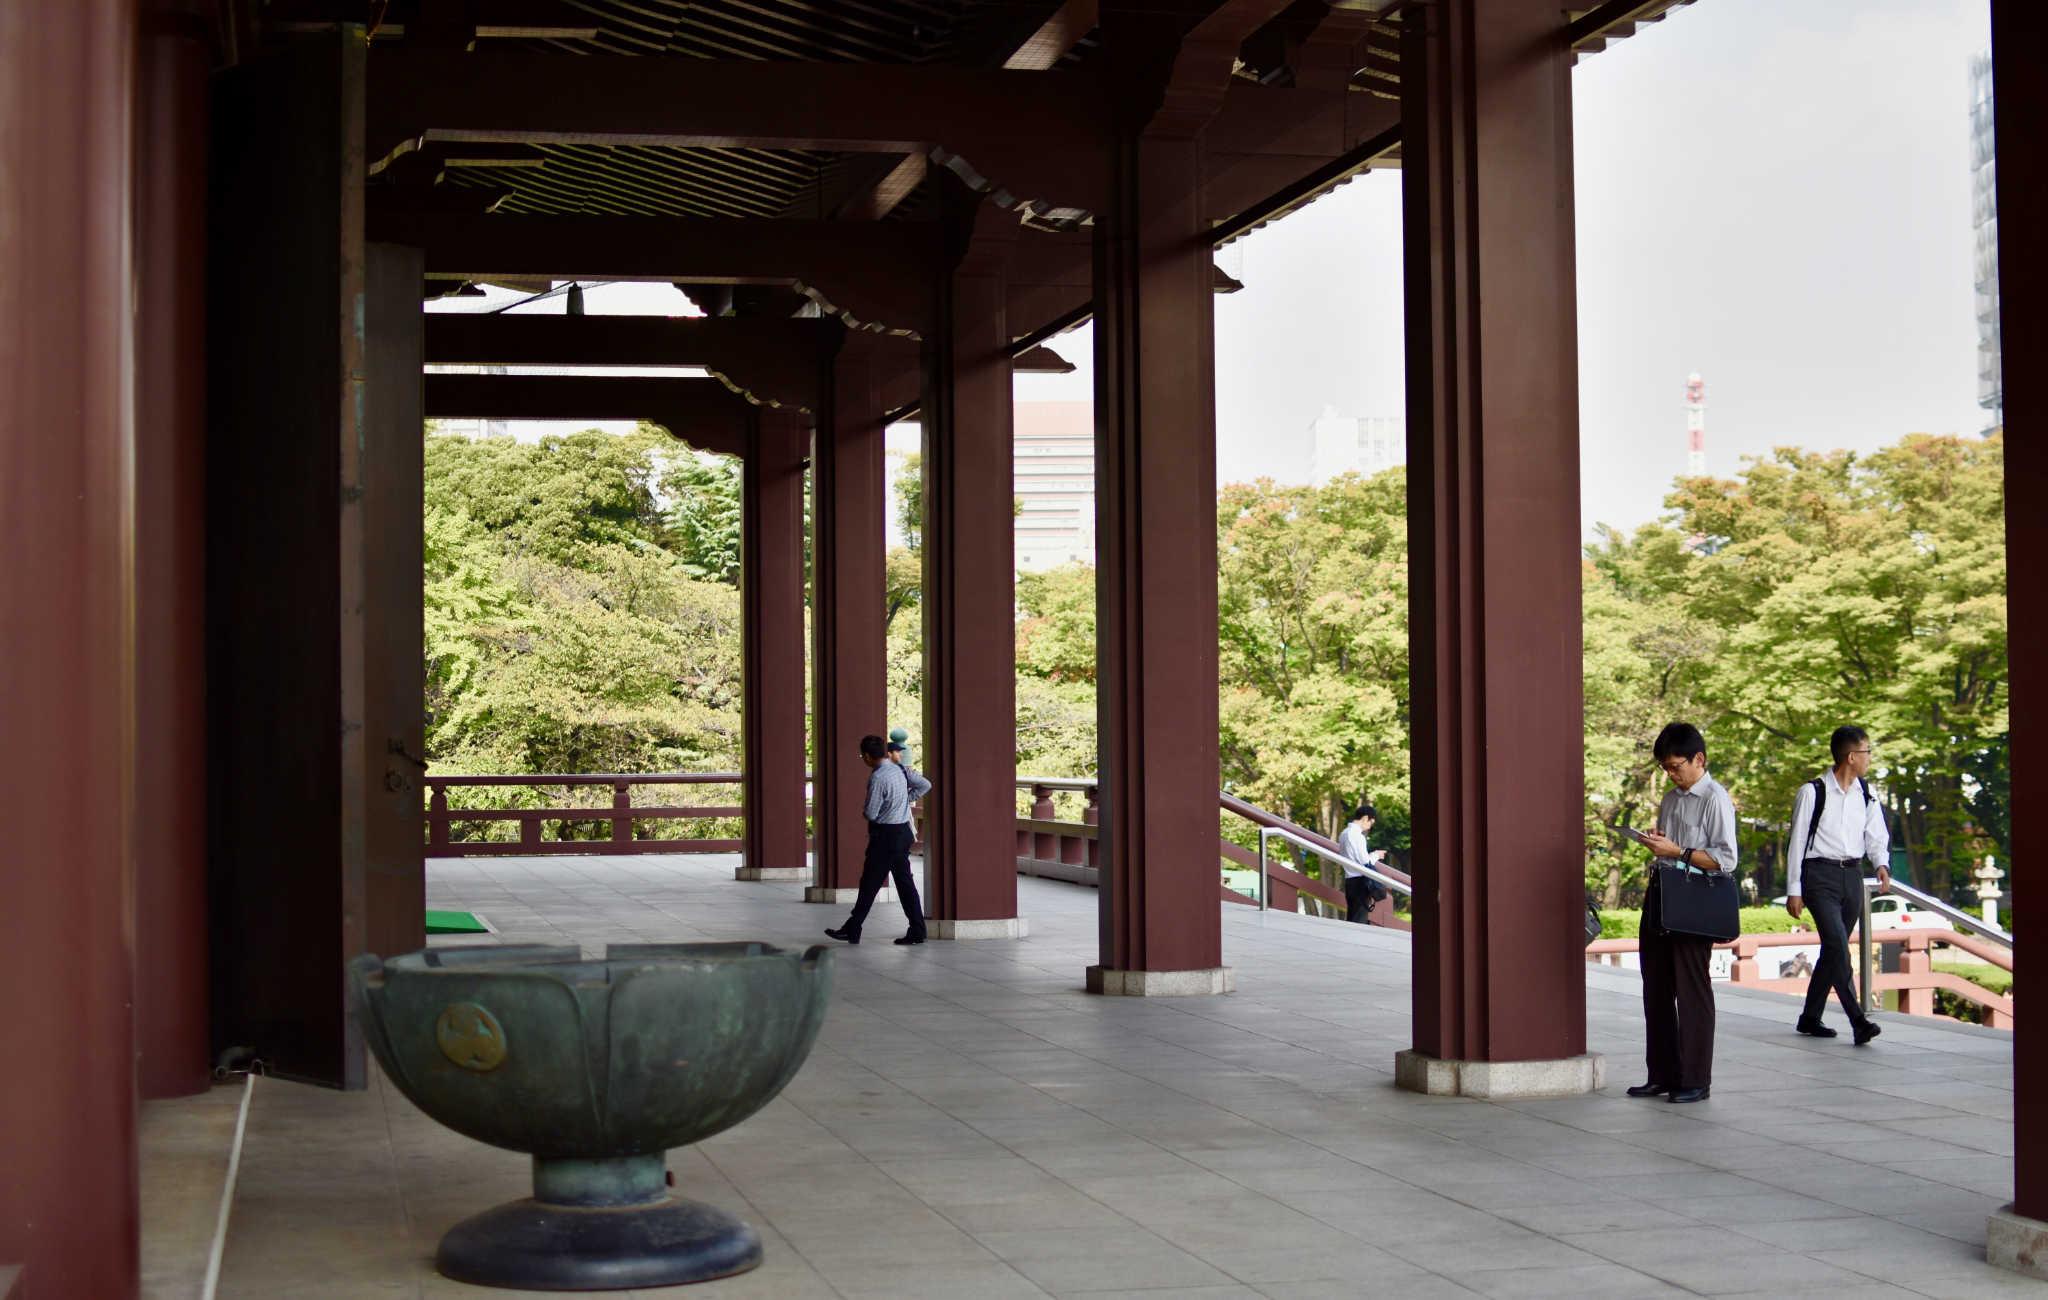 Zozo-ji est un lieu où se déroulent de nombreuses cérémonies bouddhistes